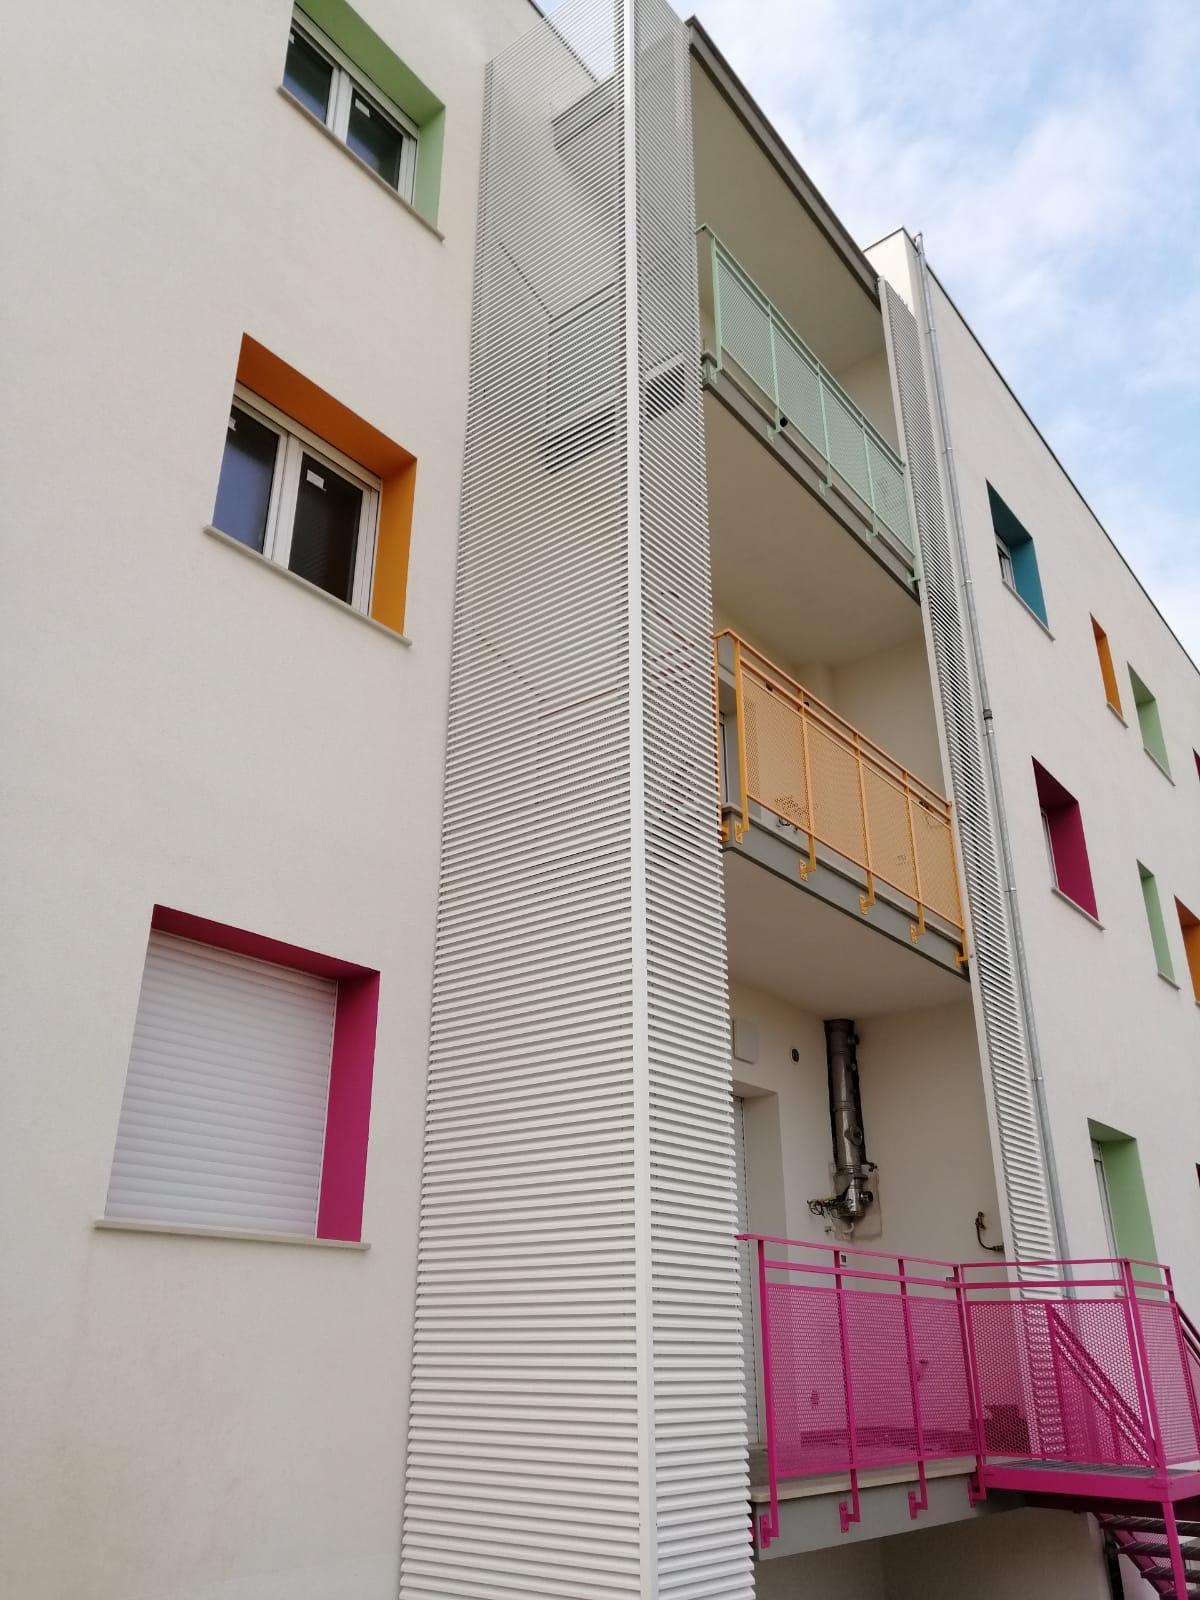 Coperture frangisole per balconi con lamelle in alluminio - Bari, Brindisi, Puglia